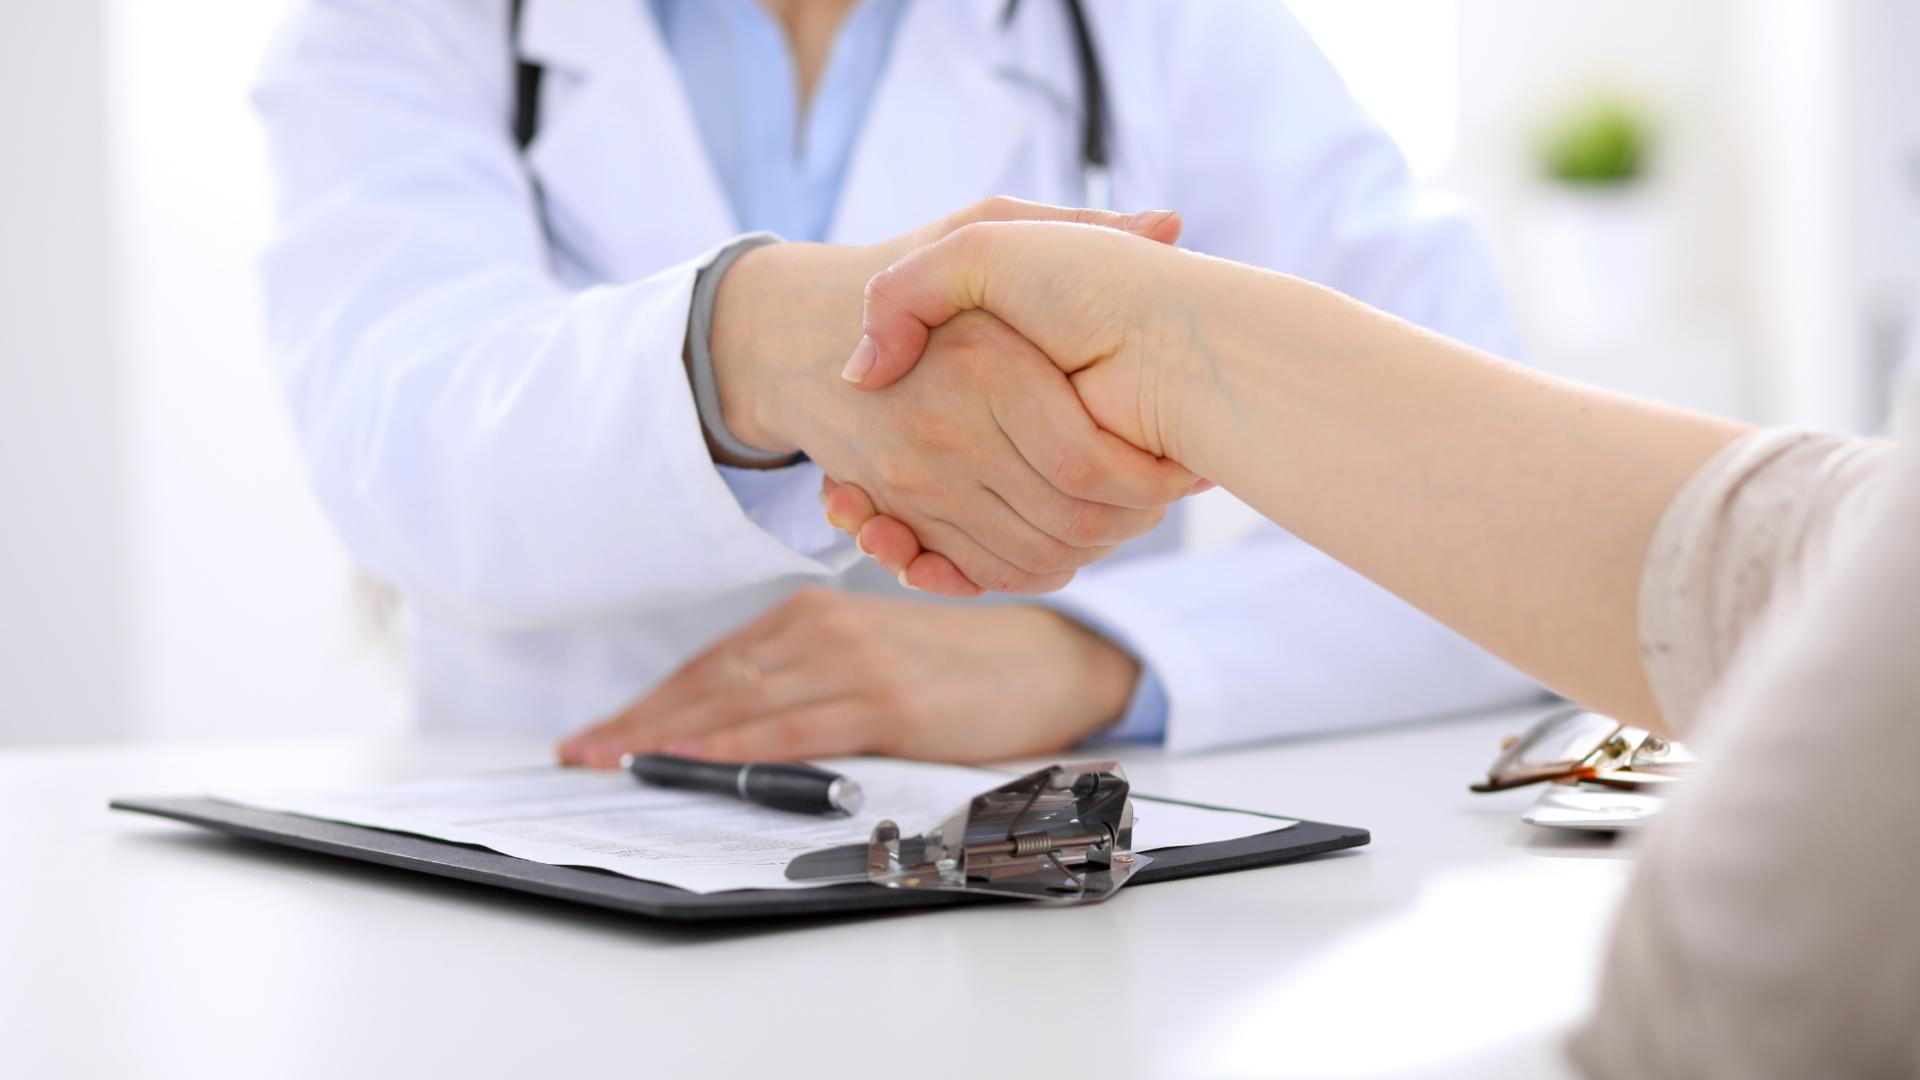 handshake demonstrating trust between doctor and patient